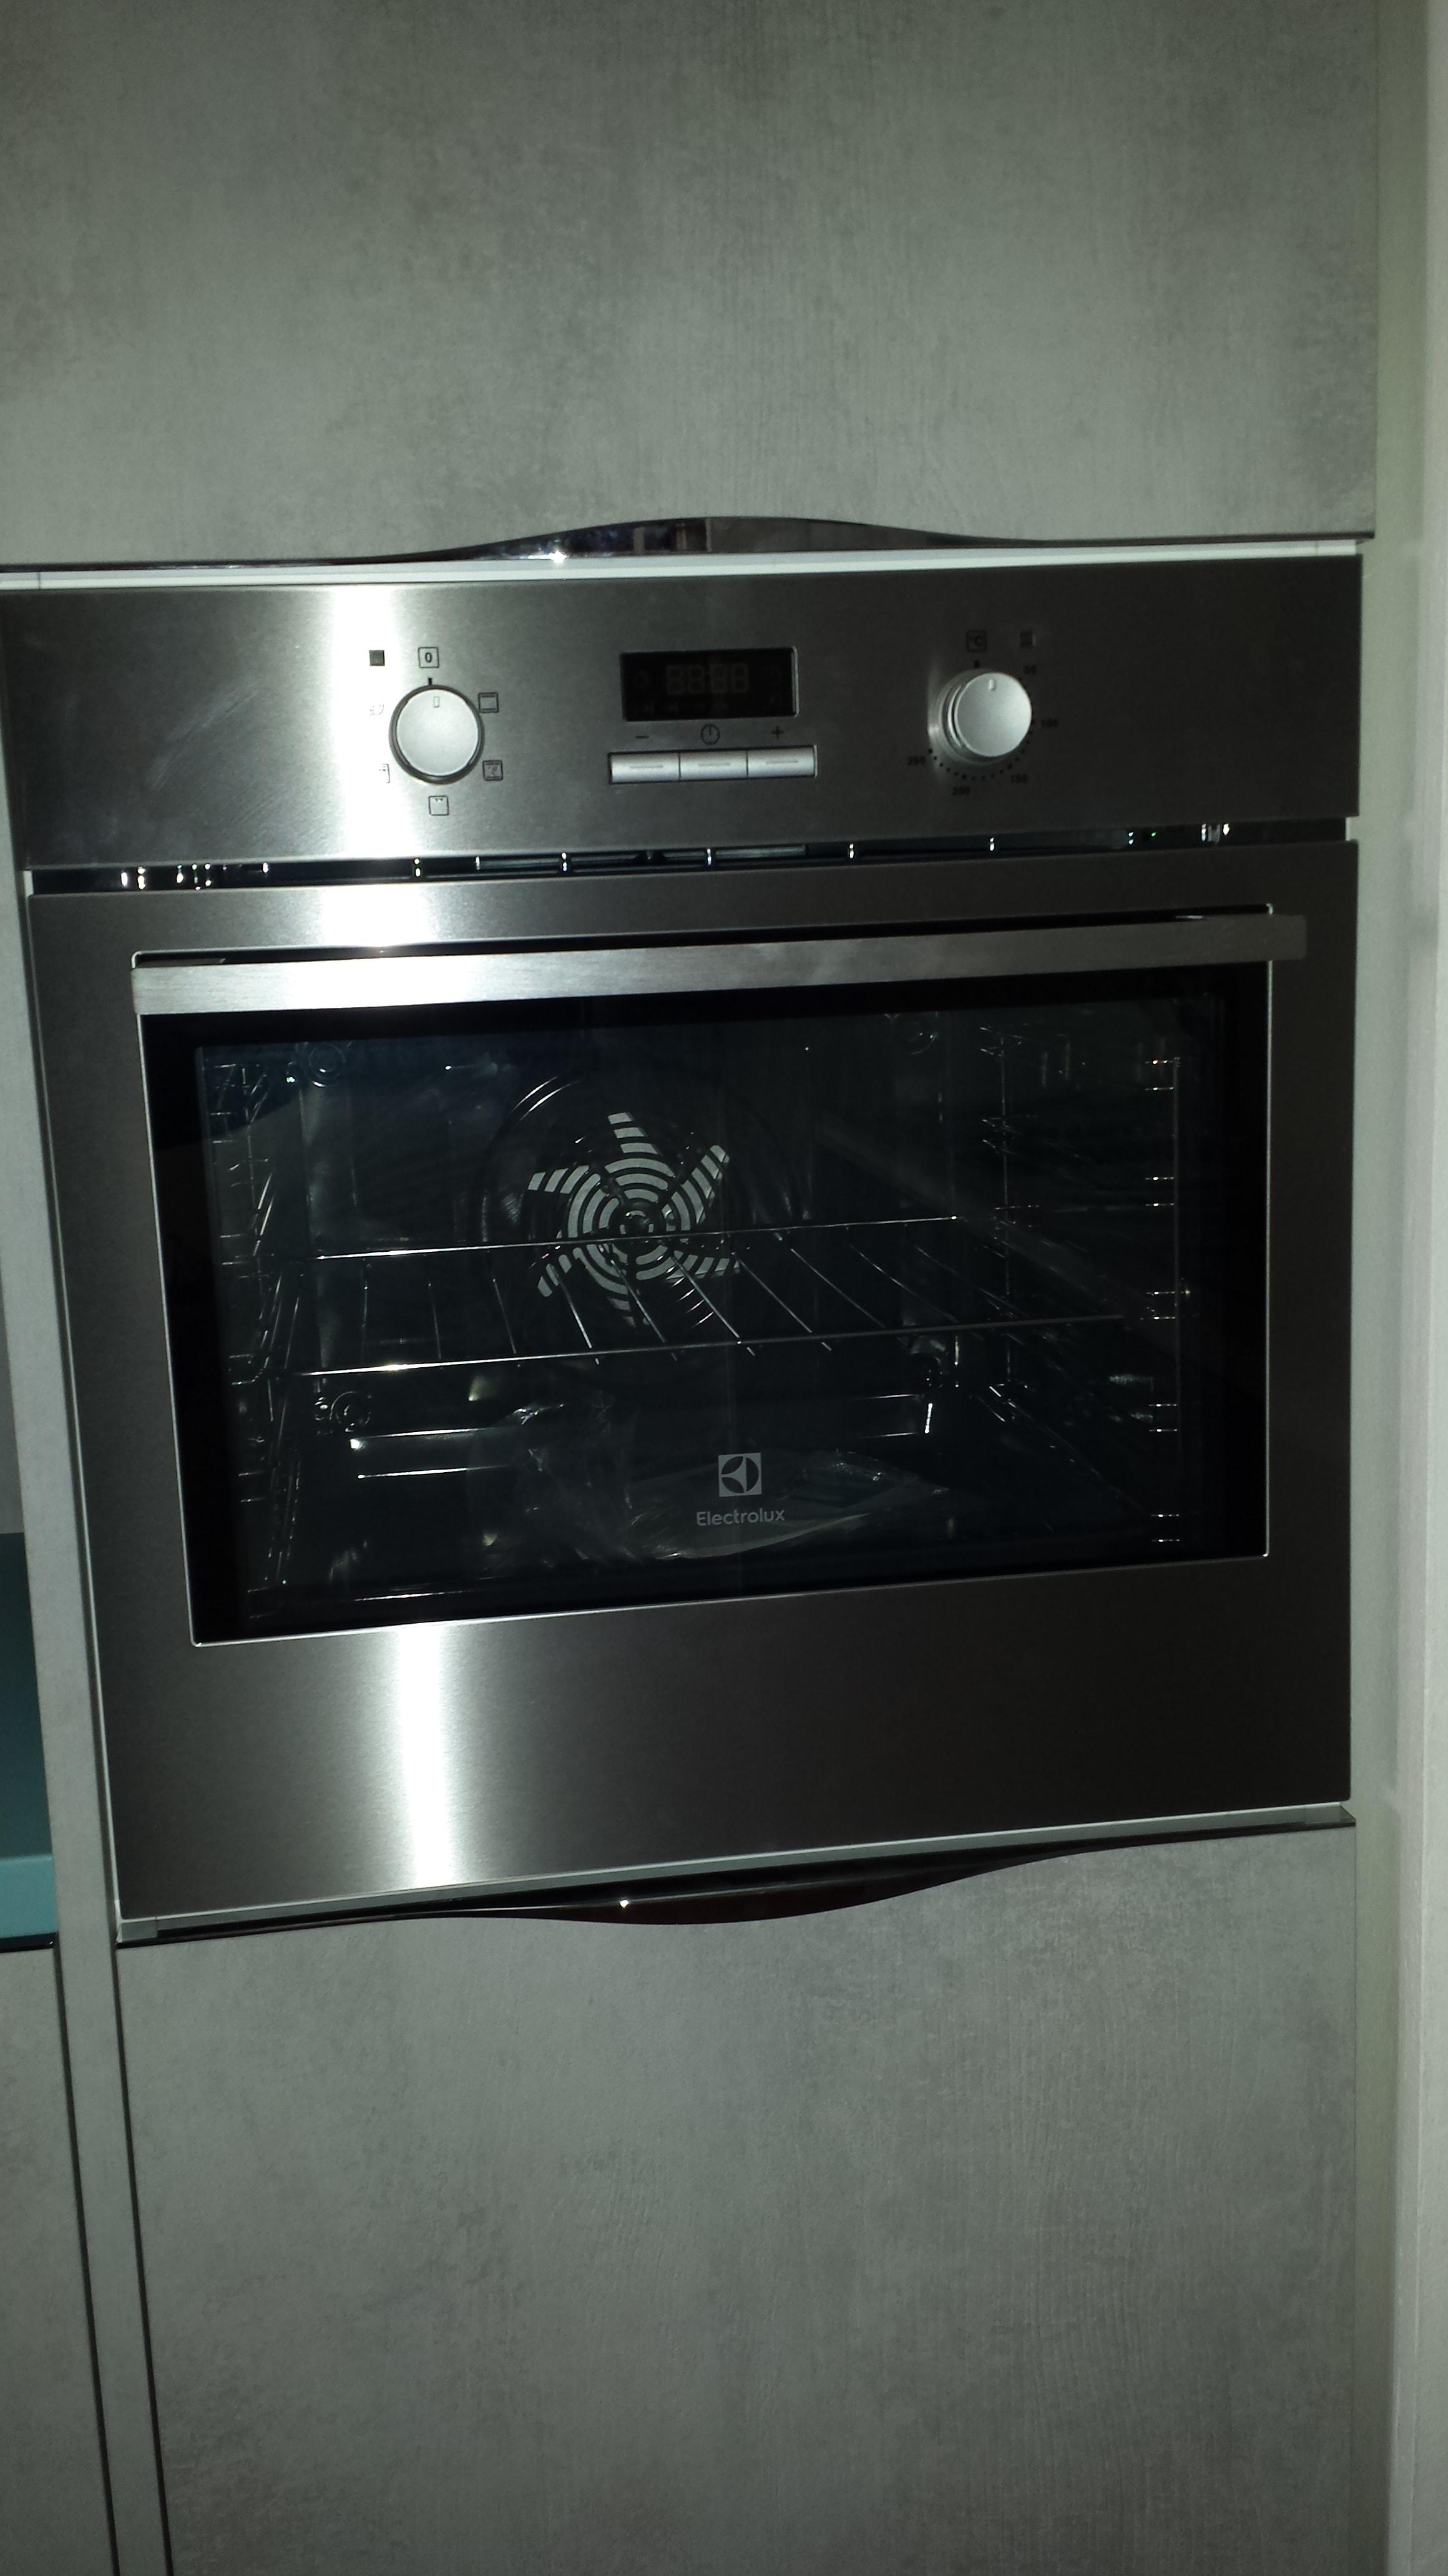 Cucina immagina head di lube cucine a prezzo outlet - Prezzo cucina lube ...